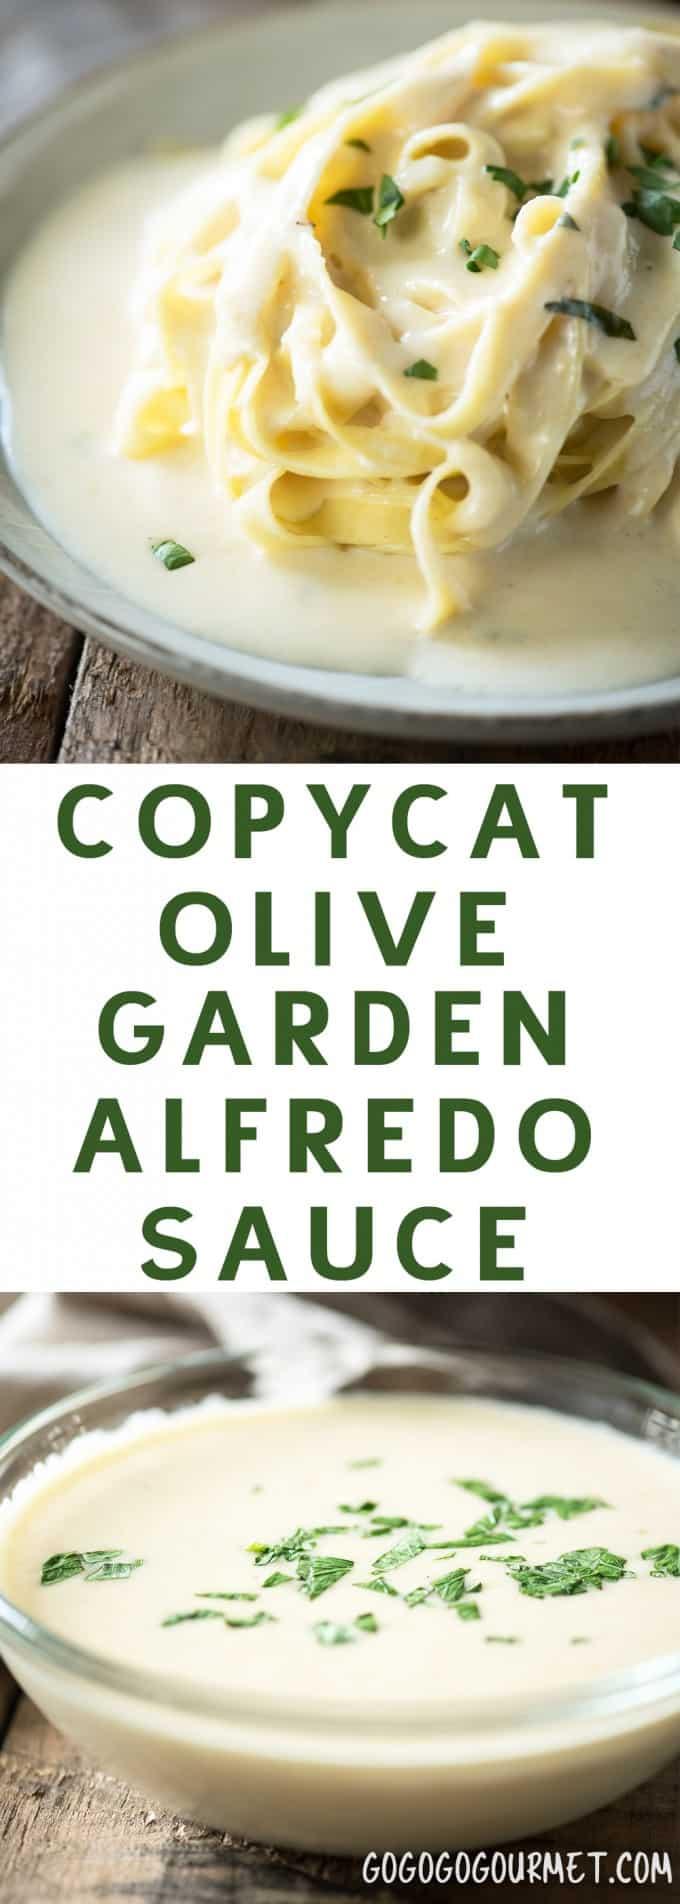 Copycat Olive Garden Alfredo Sauce Go Go Go Gourmet